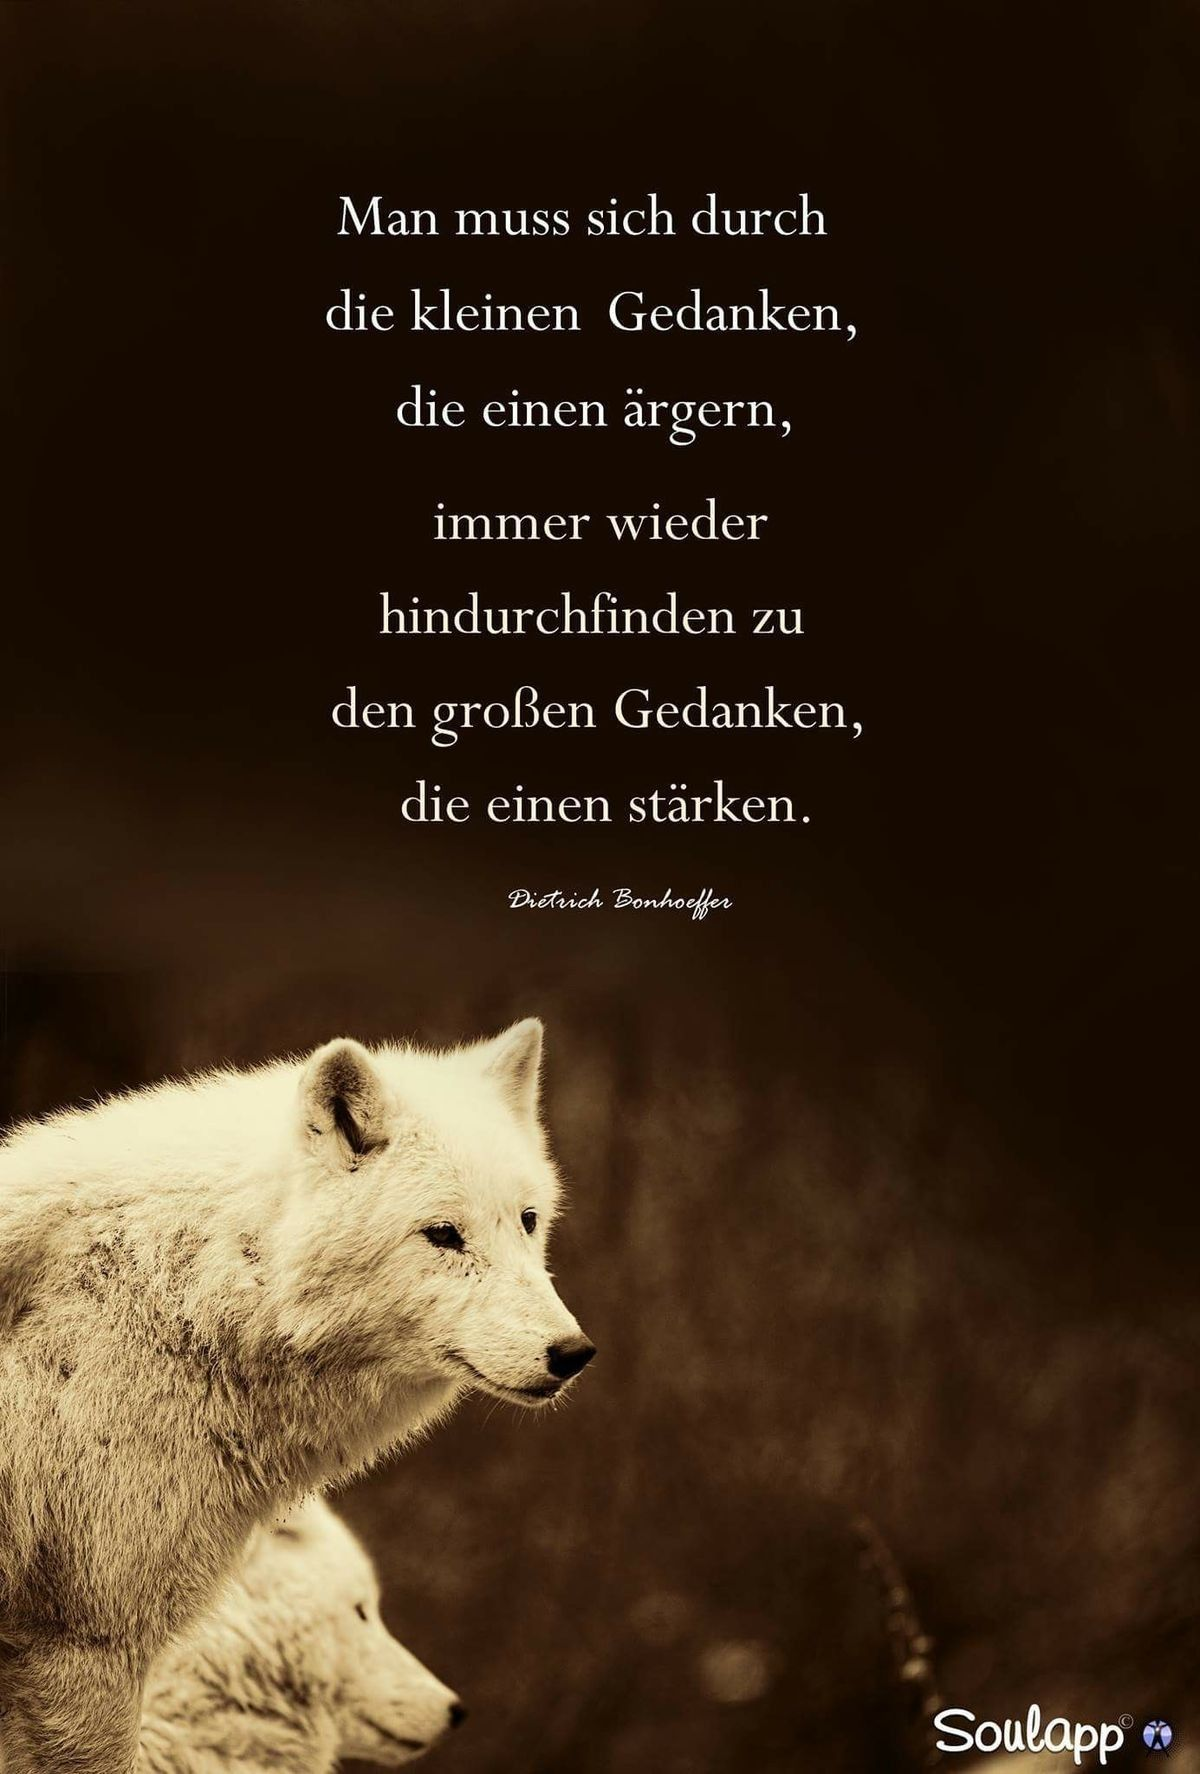 Pin Von Wolff Josiane Auf Spiri Weisheiten Zitate